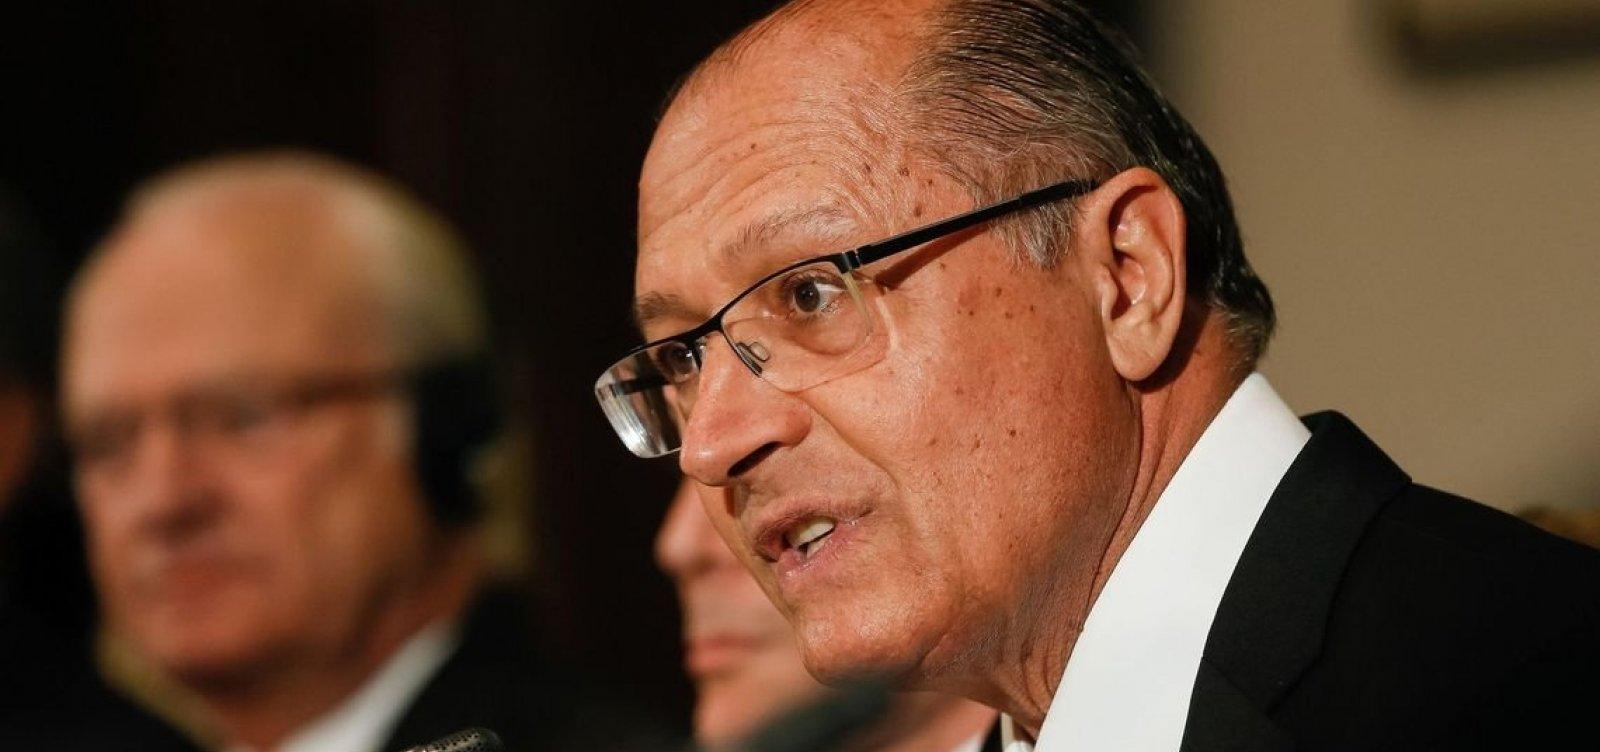 Alckmin diz que PSDB está 'fragilizado' e se preocupa com extremismo no país